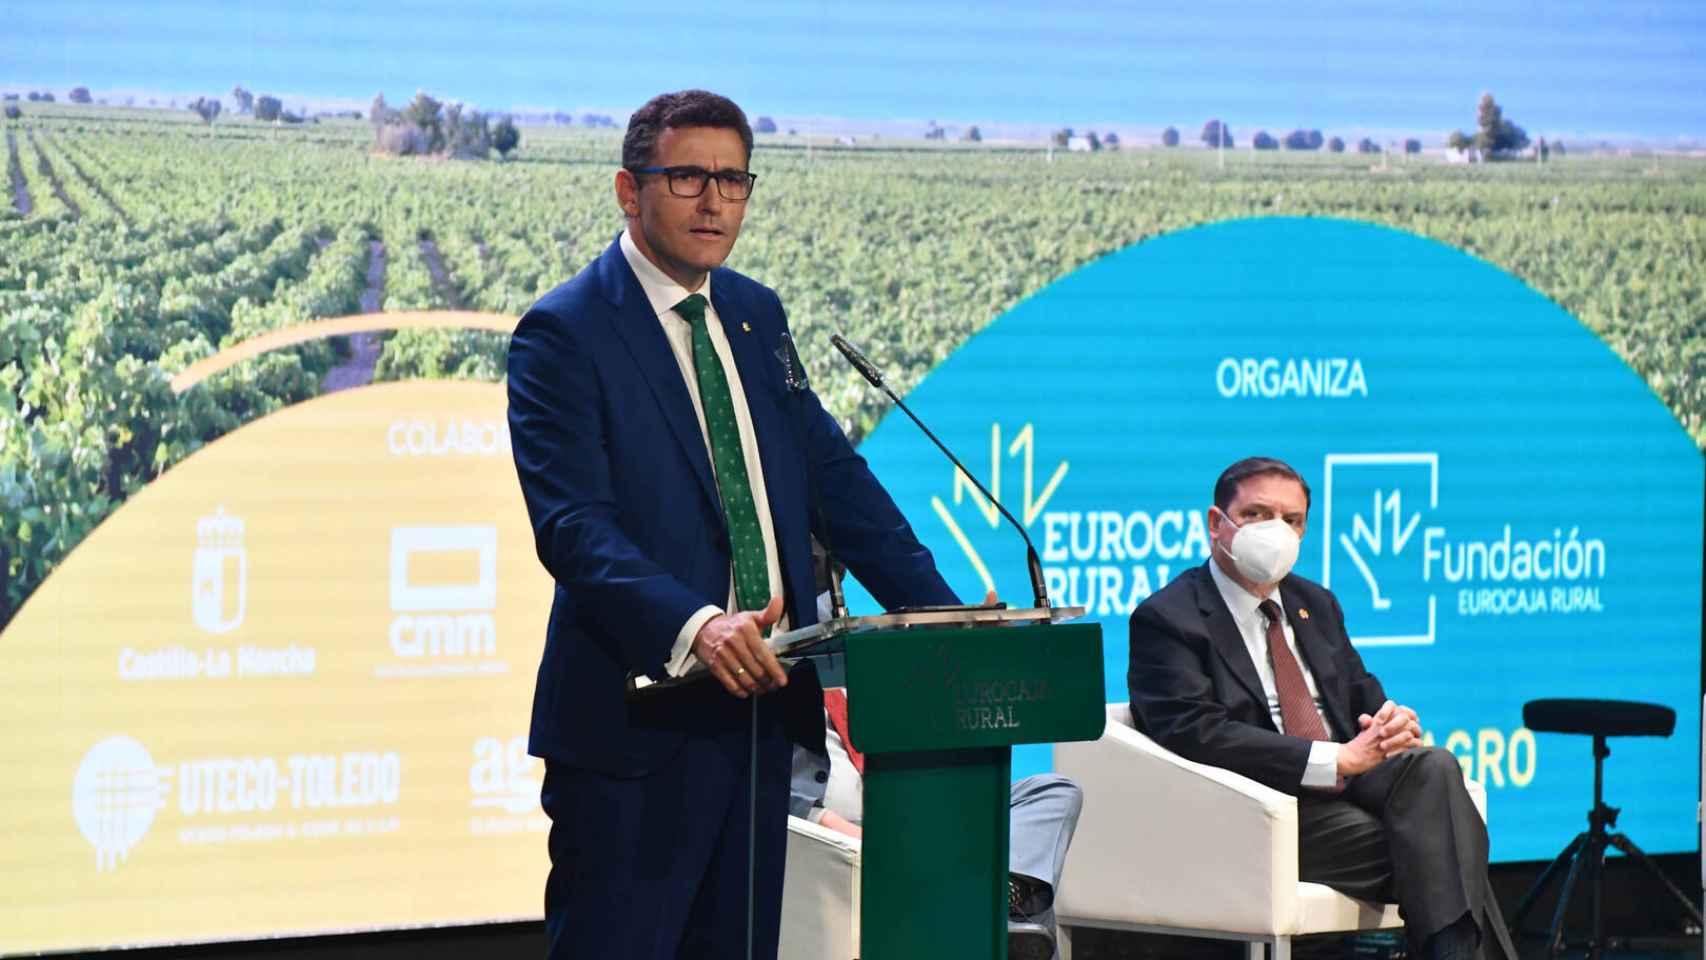 Todas las fotos del 'Rural Summit Agro' organizado por Eurocaja Rural 1